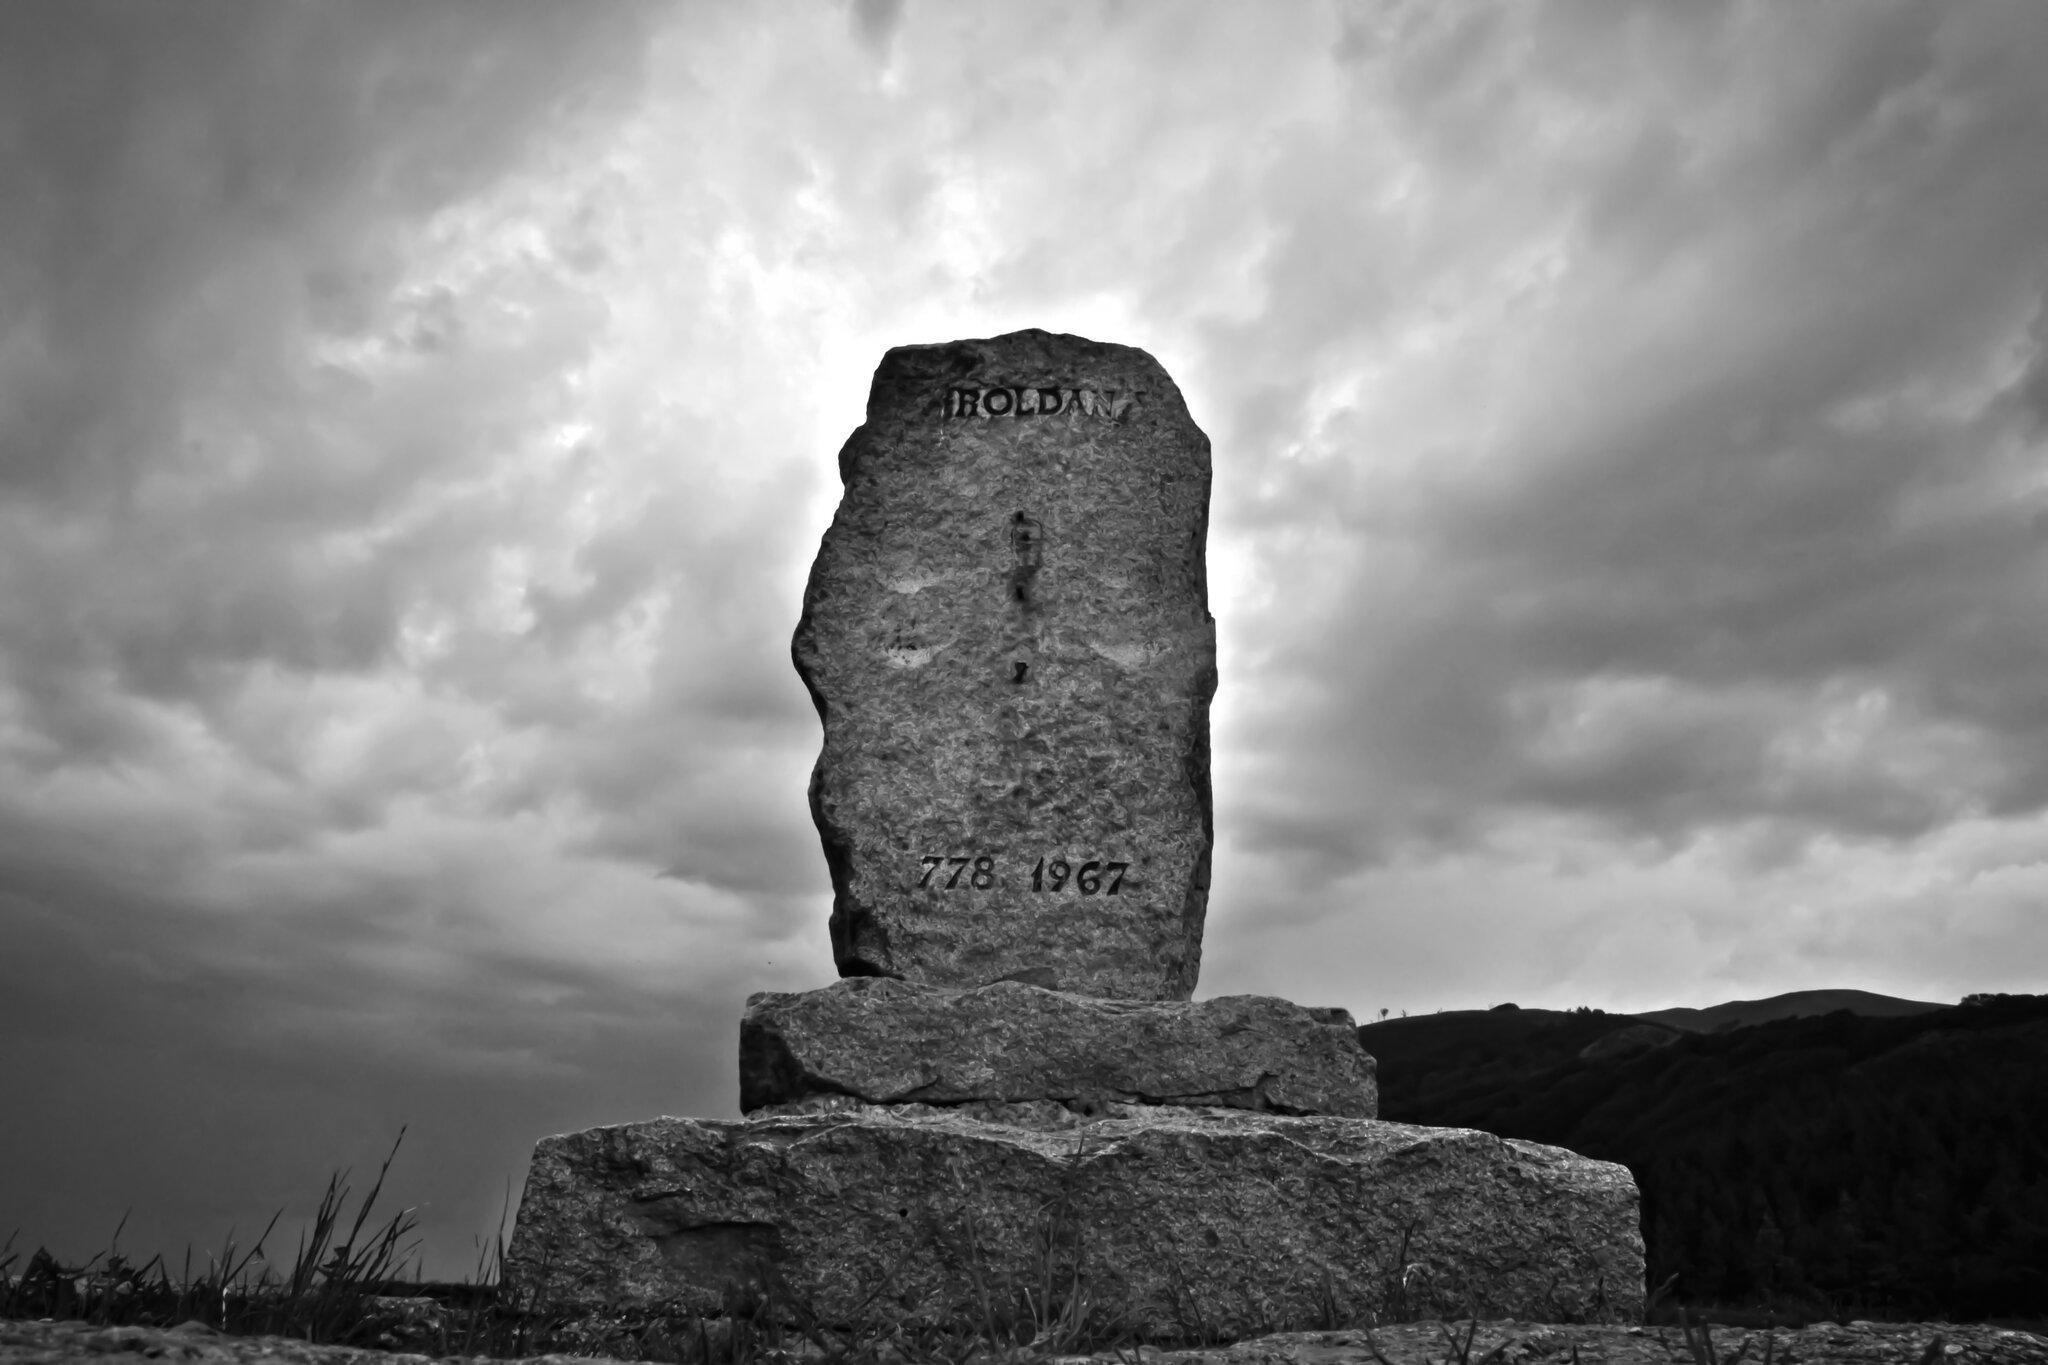 Przełęcz Roncevaux Pomnik upamiętniający bitwę stoczoną tu15 sierpnia 778 roku Źródło: Euskalduna, Przełęcz Roncevaux, fotografia barwna, licencja: CC BY-SA 3.0.